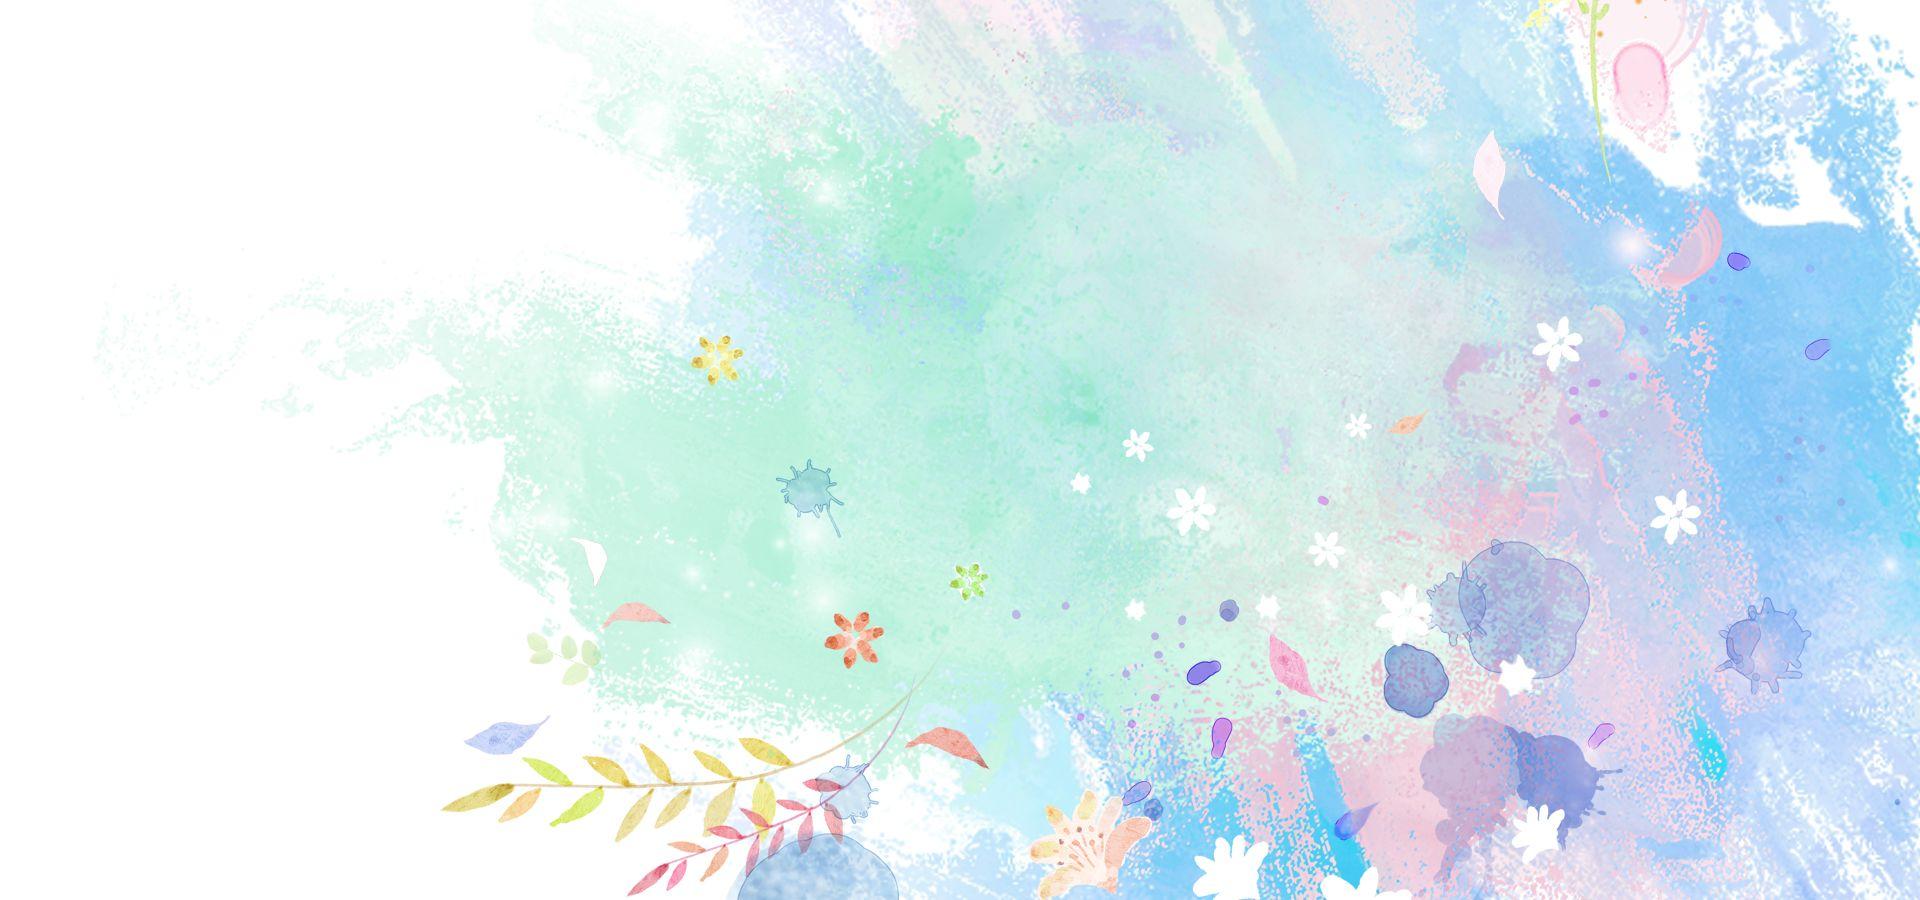 Hình ảnh background những mảng màu tươi xinh